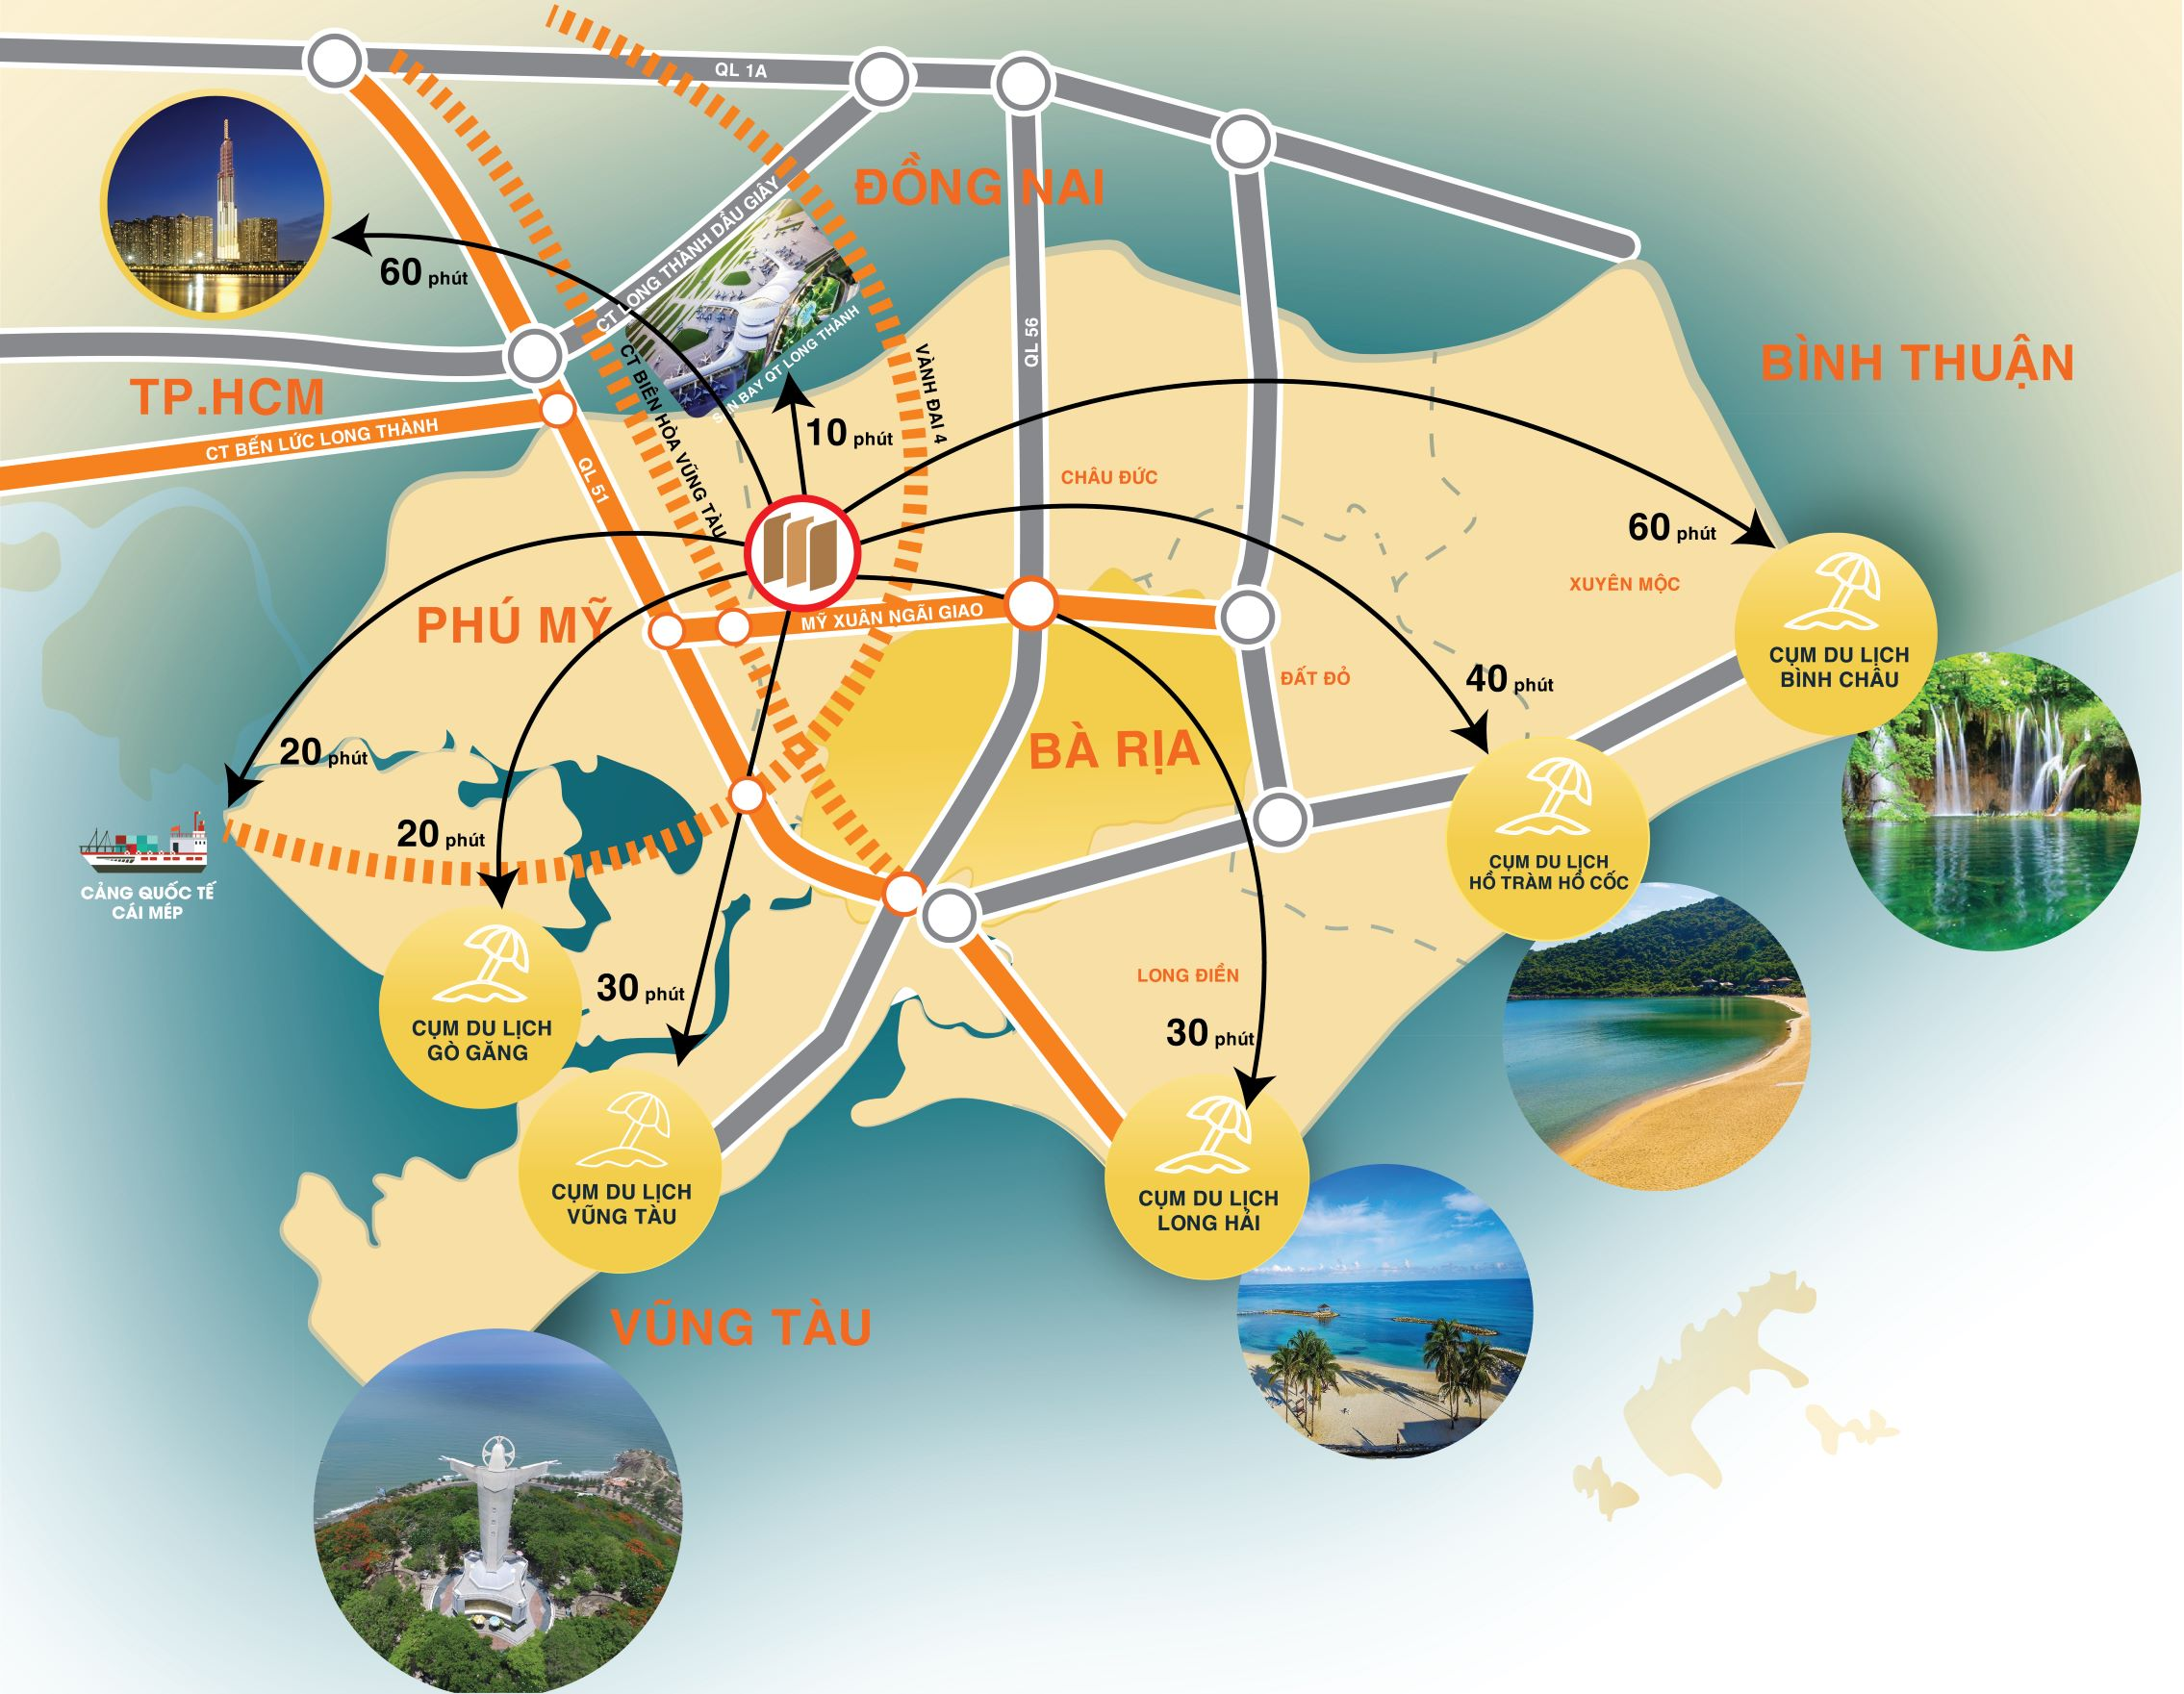 Liên kết vùng dự án Phú Mỹ Future city